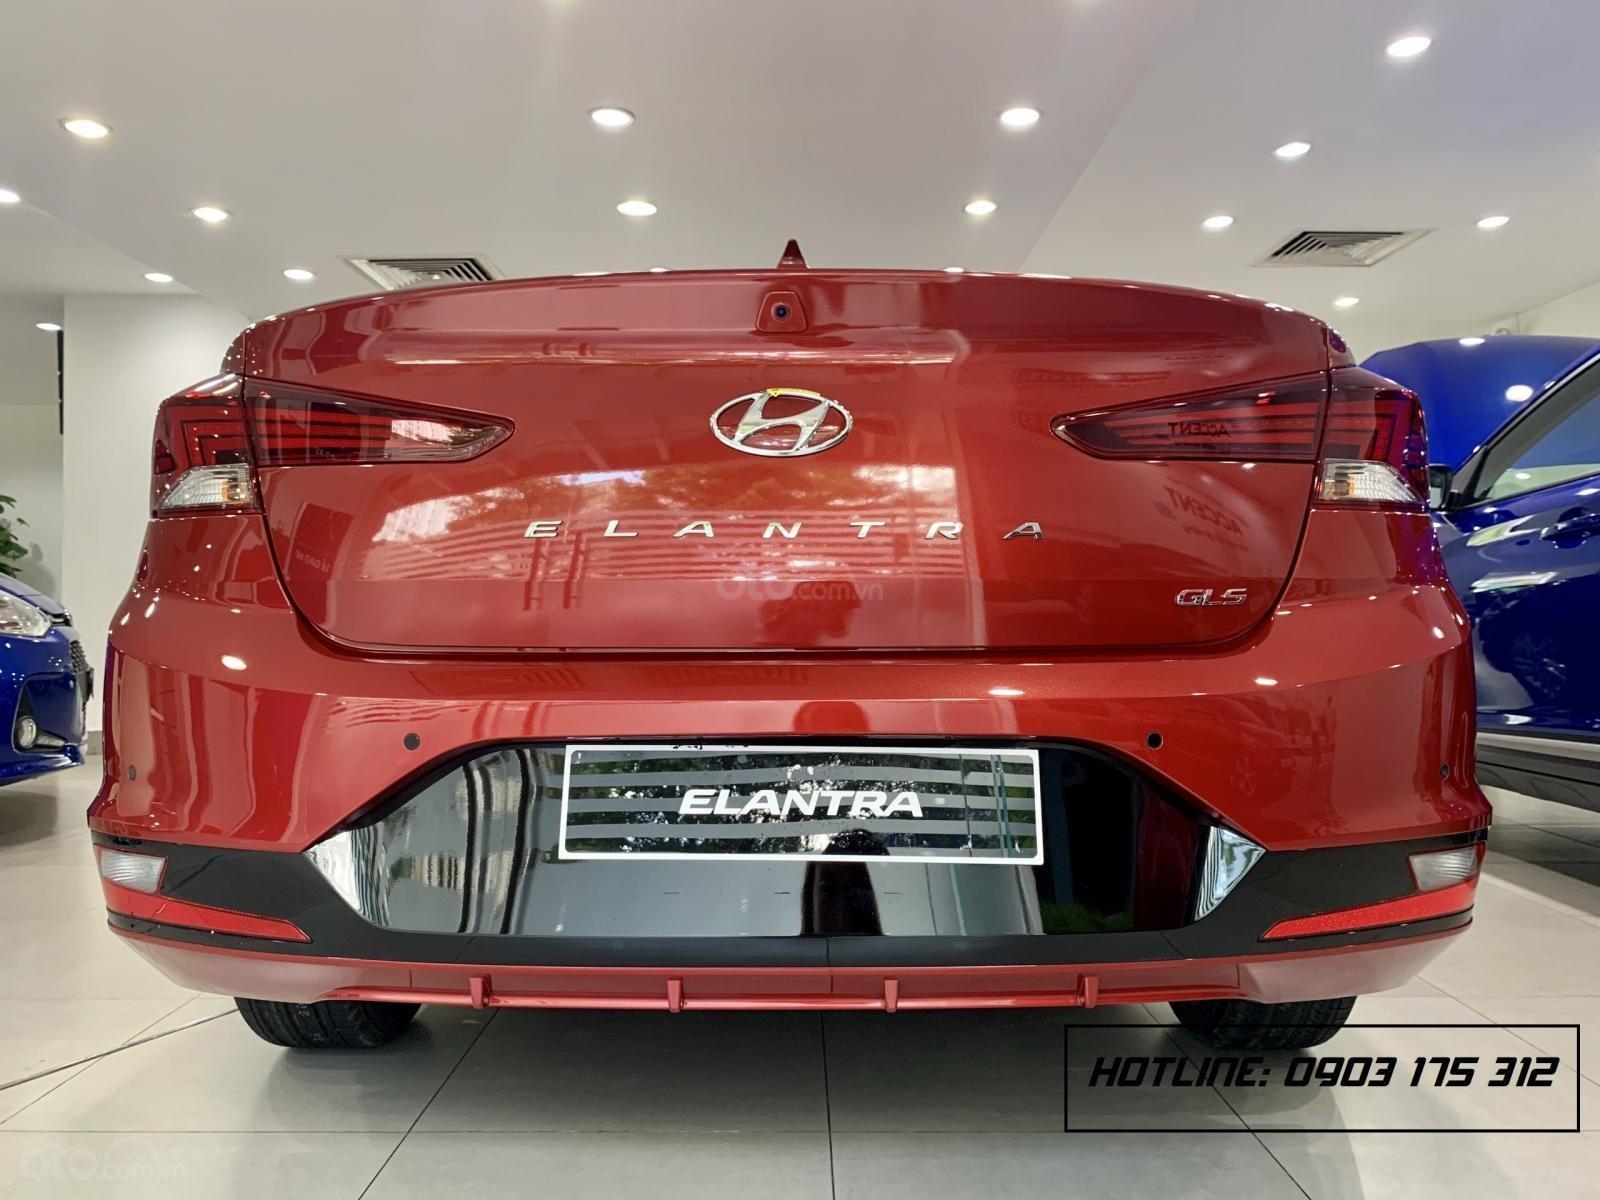 Hyundai Elantra xe sẵn giao ngay, giá giảm sâu, tặng thêm nhiều quà tặng giá trị. Lh: 0977 139 312 (4)